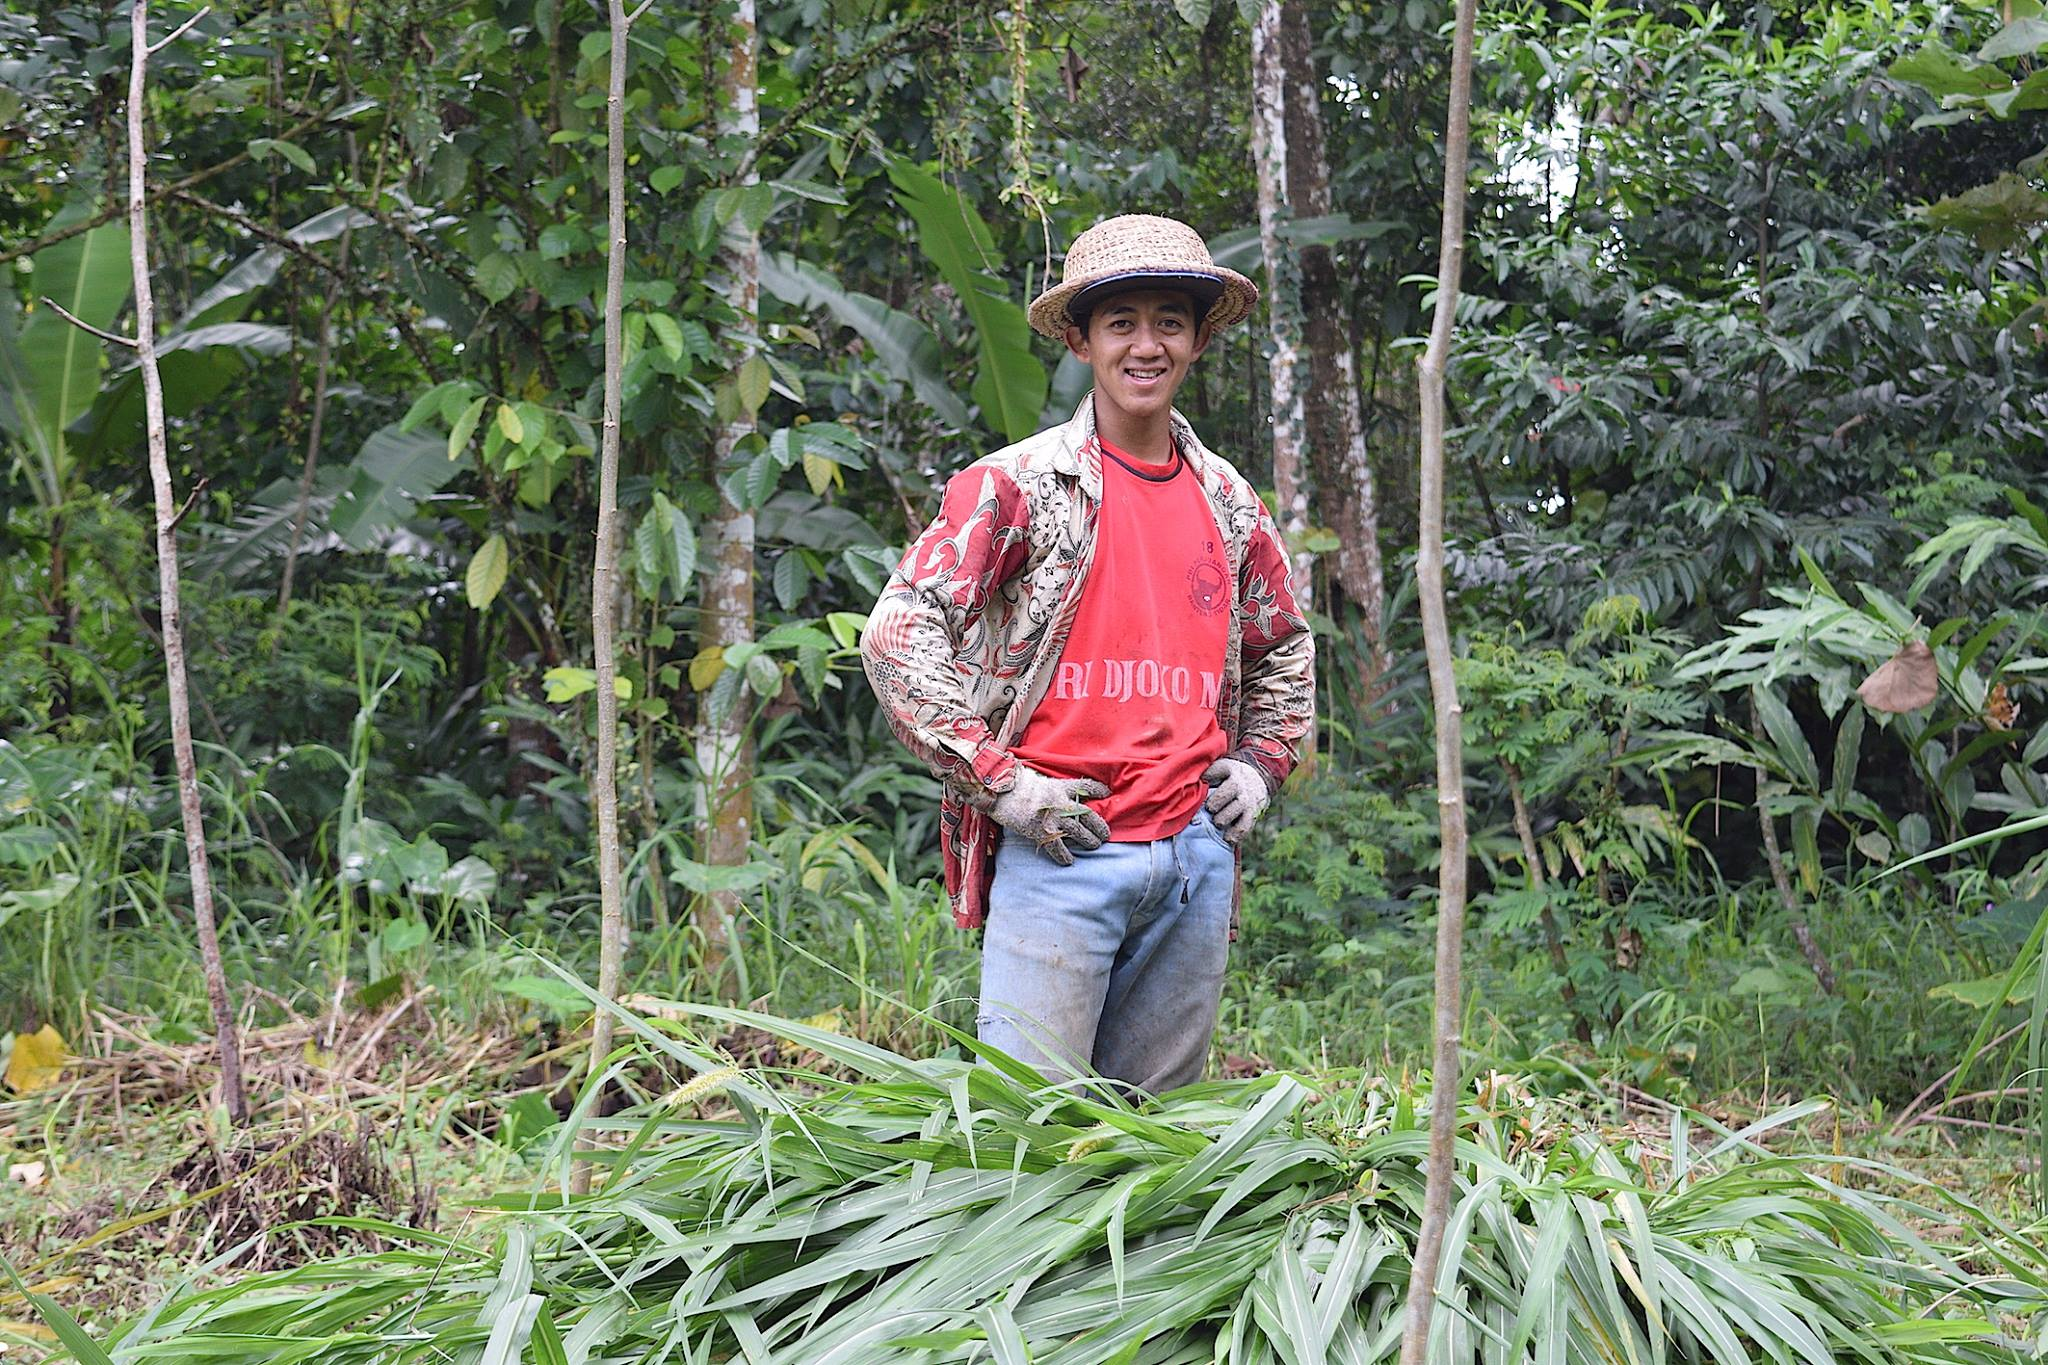 Mencari rumput pakan ternak / Collecting feed for livestock